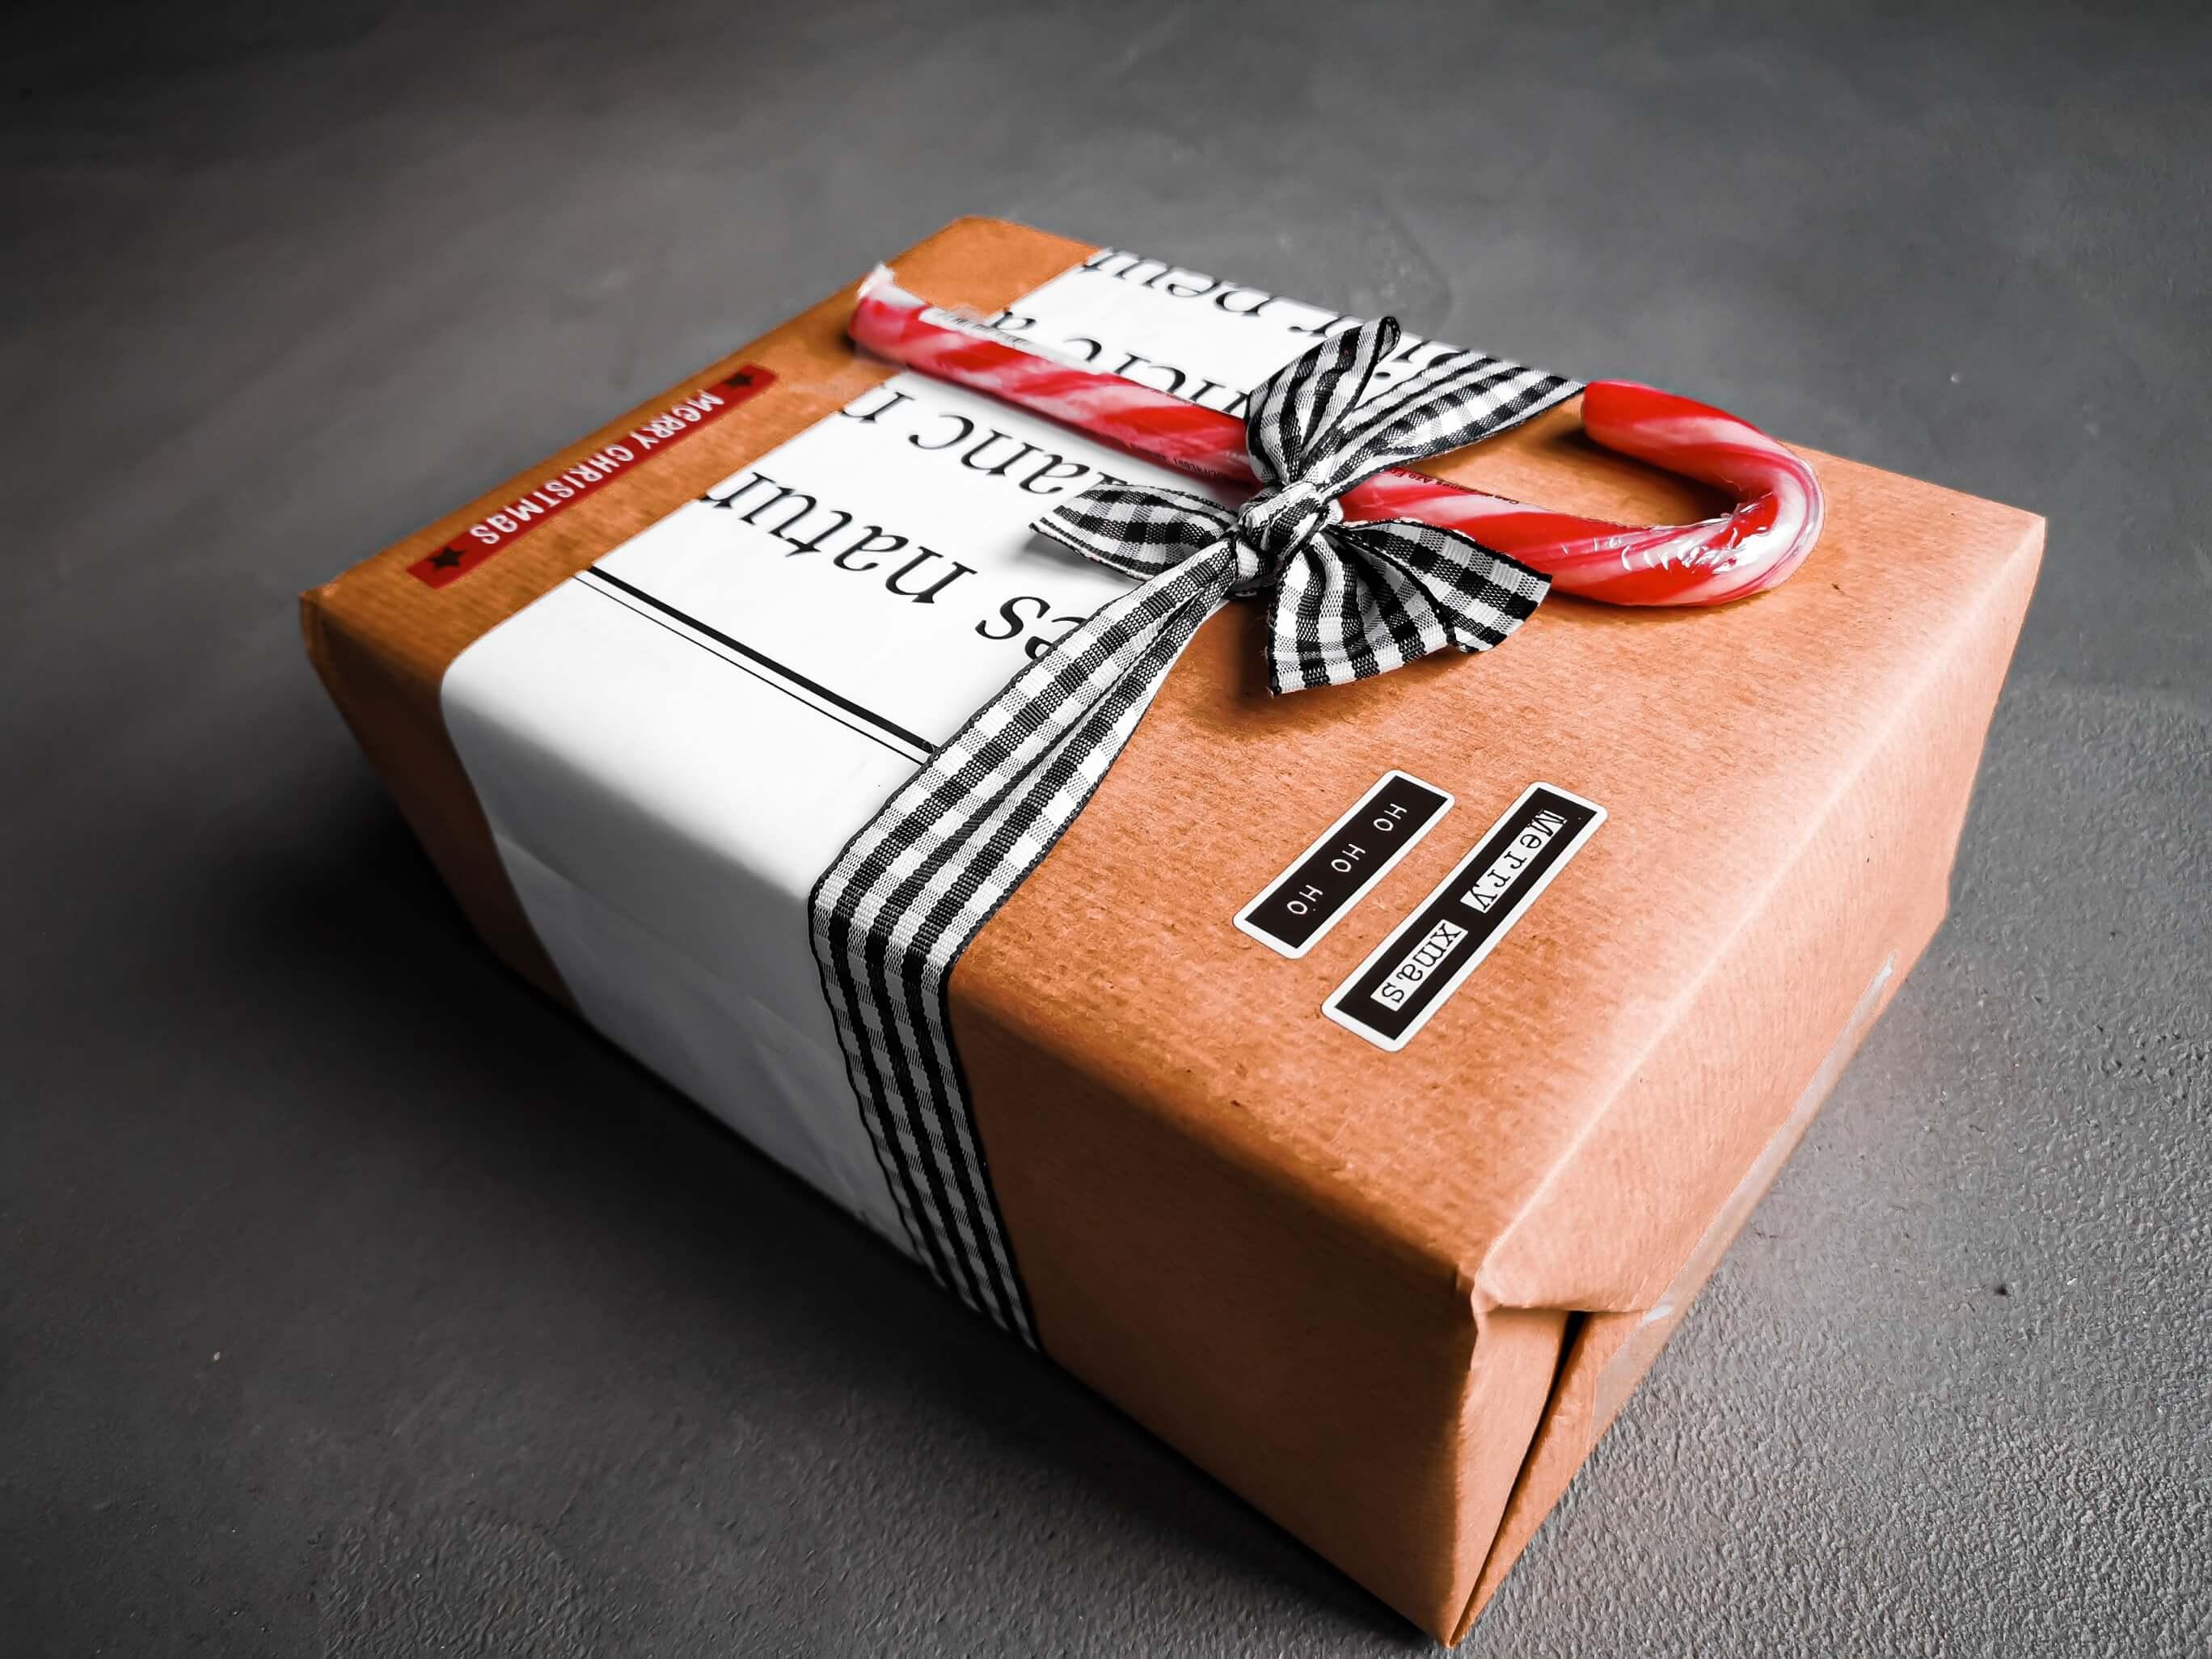 IMG 20191214 093407 resized 20191215 054324429 1 - 11 tipov ako zabaliť vianočné darčeky originálne a kreatívne